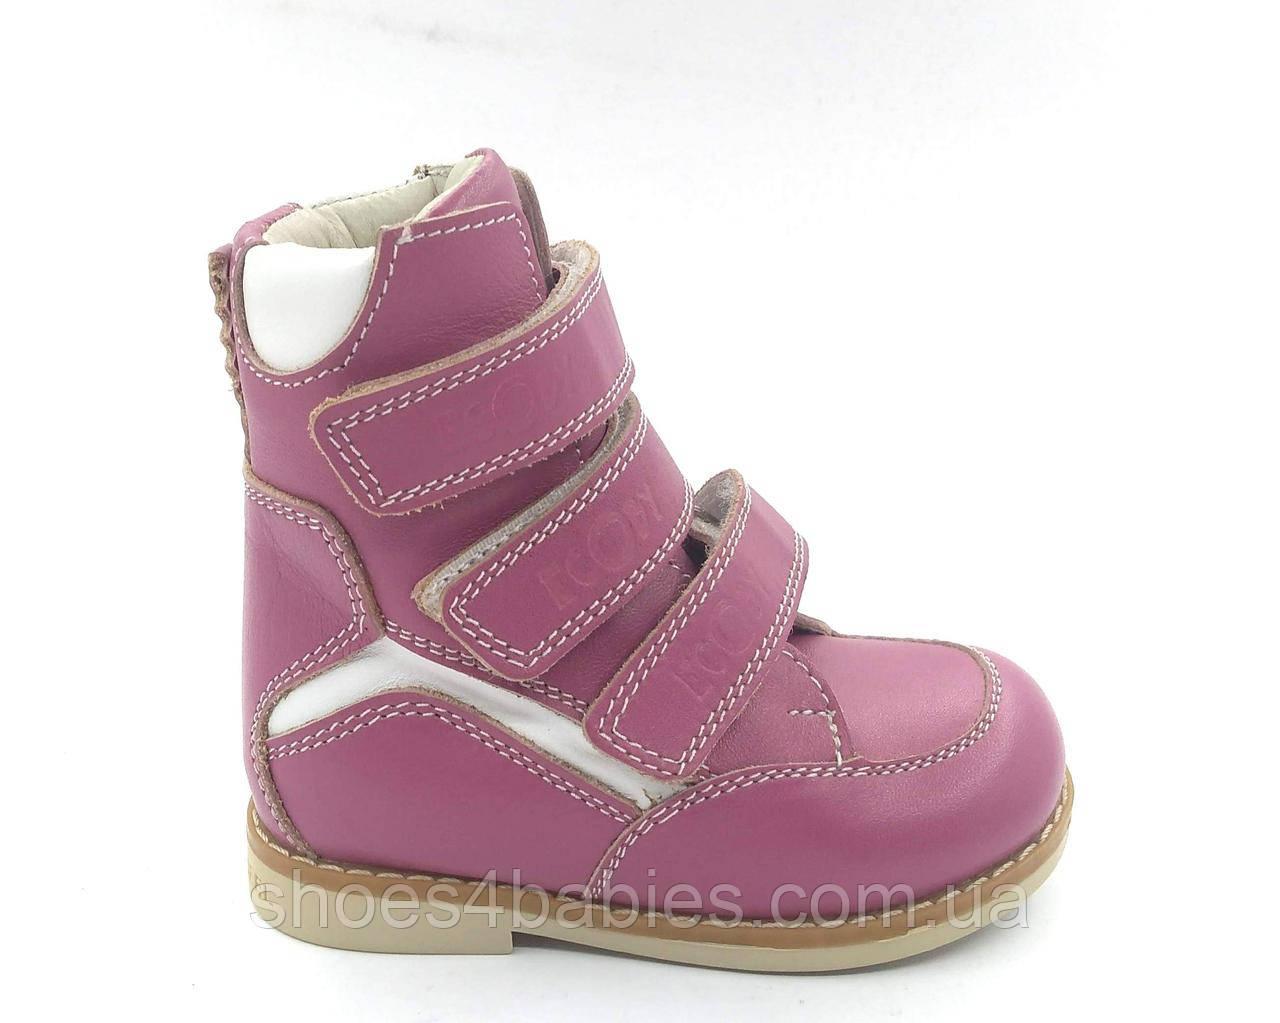 ffeeaa428 Ботинки детские зимние (сапожки) ортопедические Ecoby (Экоби) для девочки  р. 21